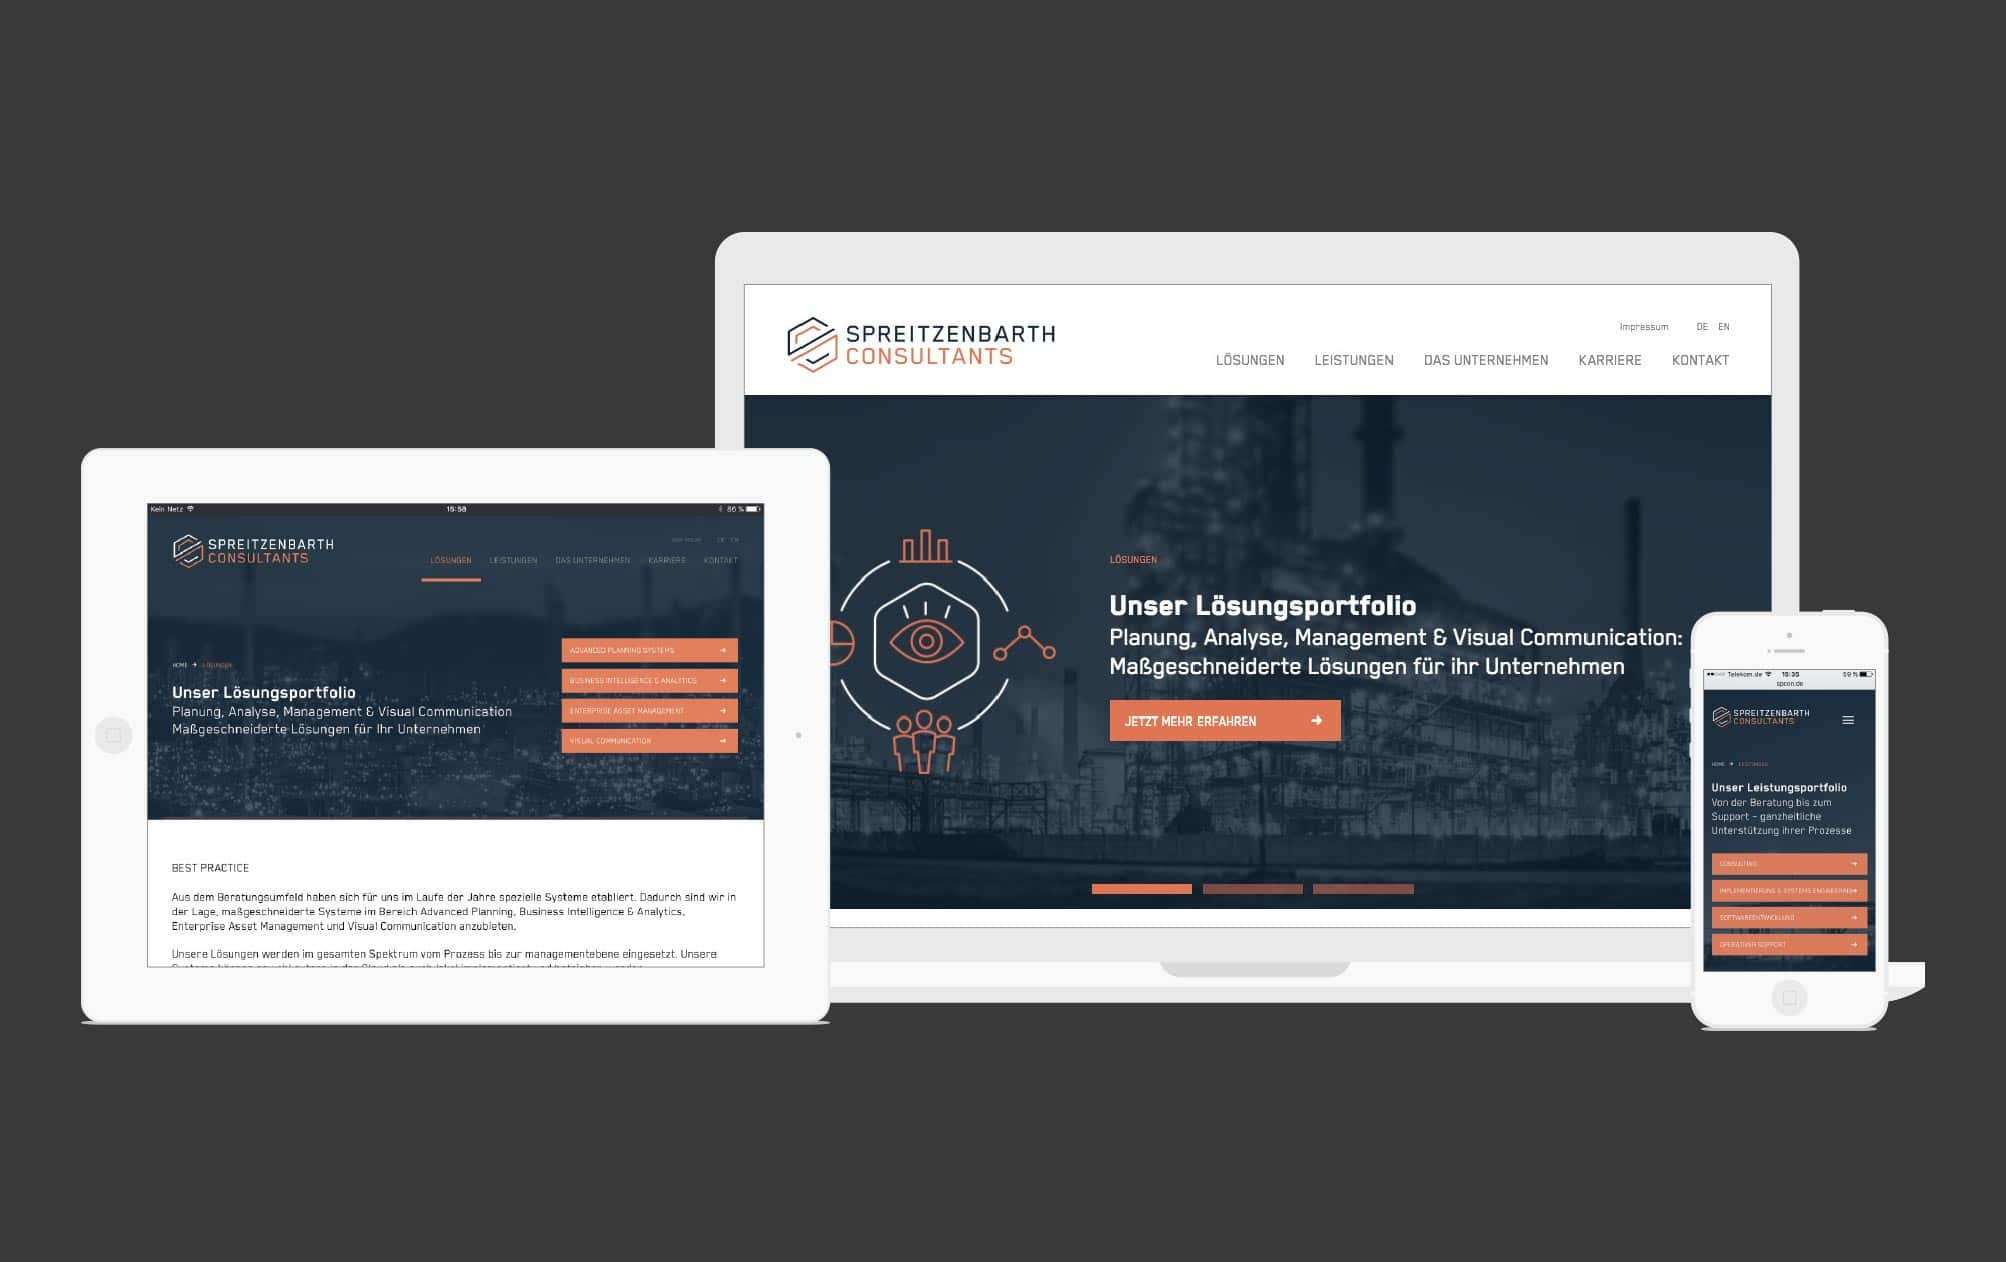 360VIER_Spreizenbarth_Bild_Entwicklung Website Relaunch